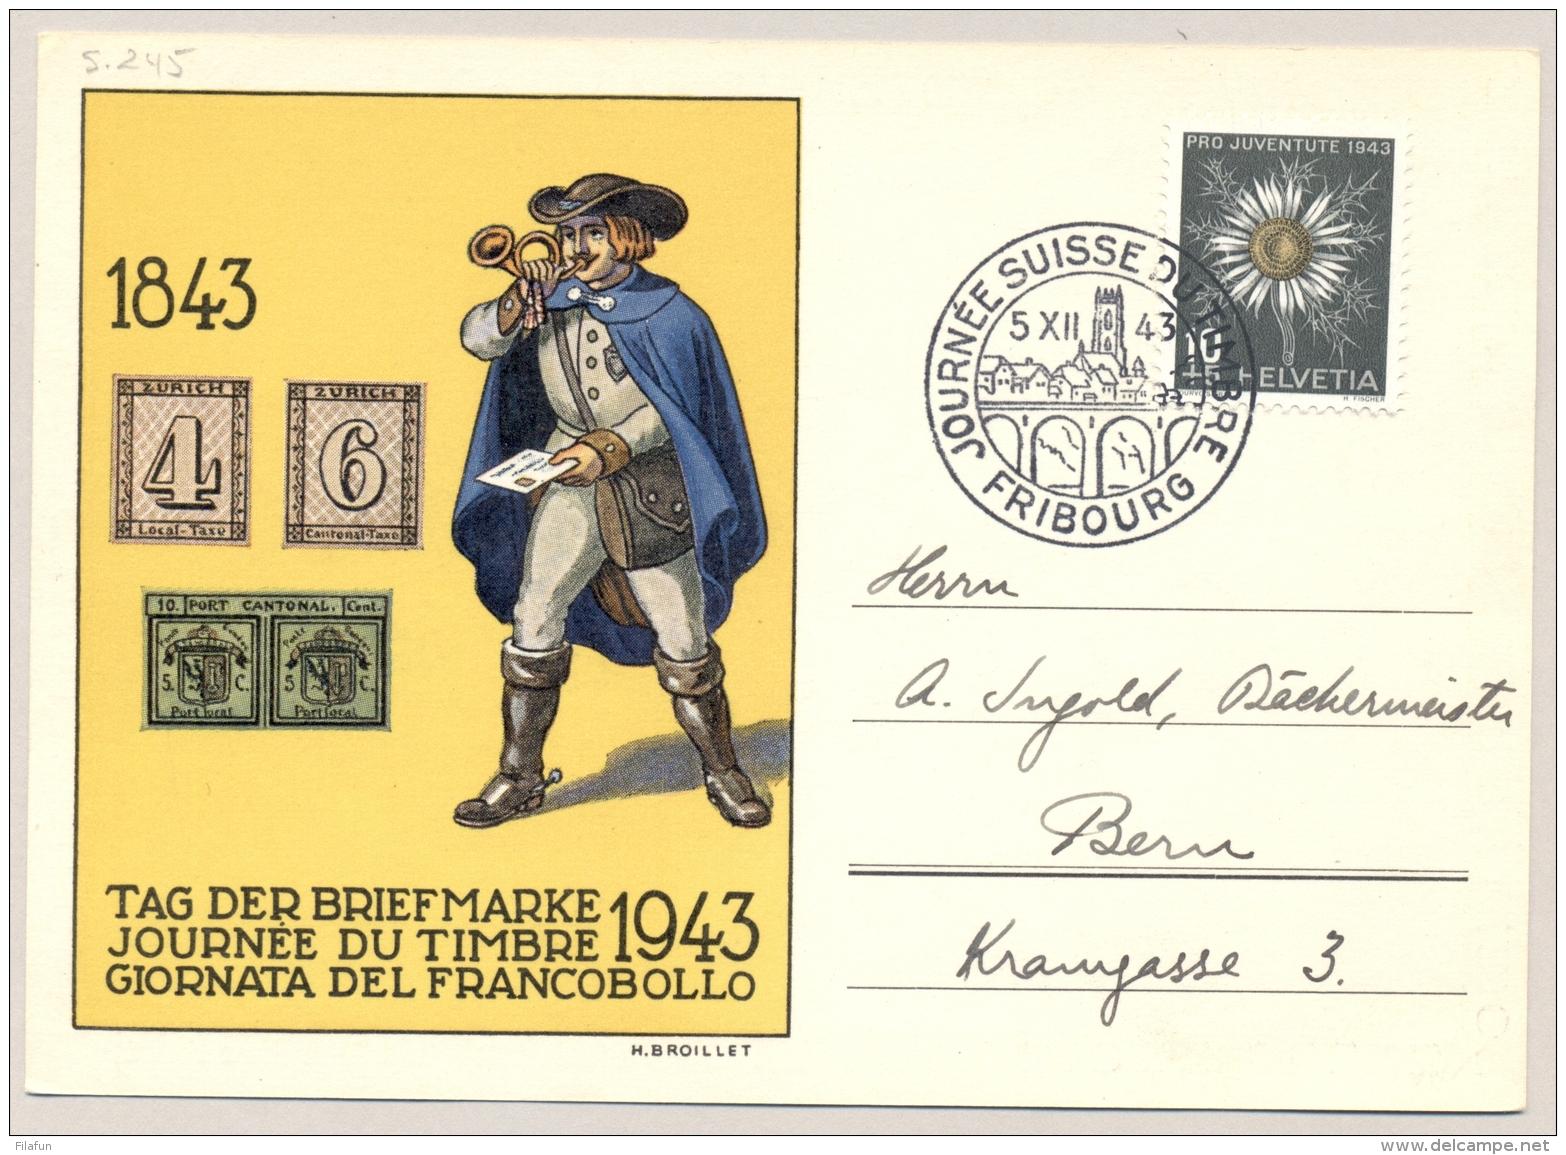 Schweiz - 1943 - 10c Pro Juventute - Tag Der Briefmarke - From Fribourg To Bern - Schweiz